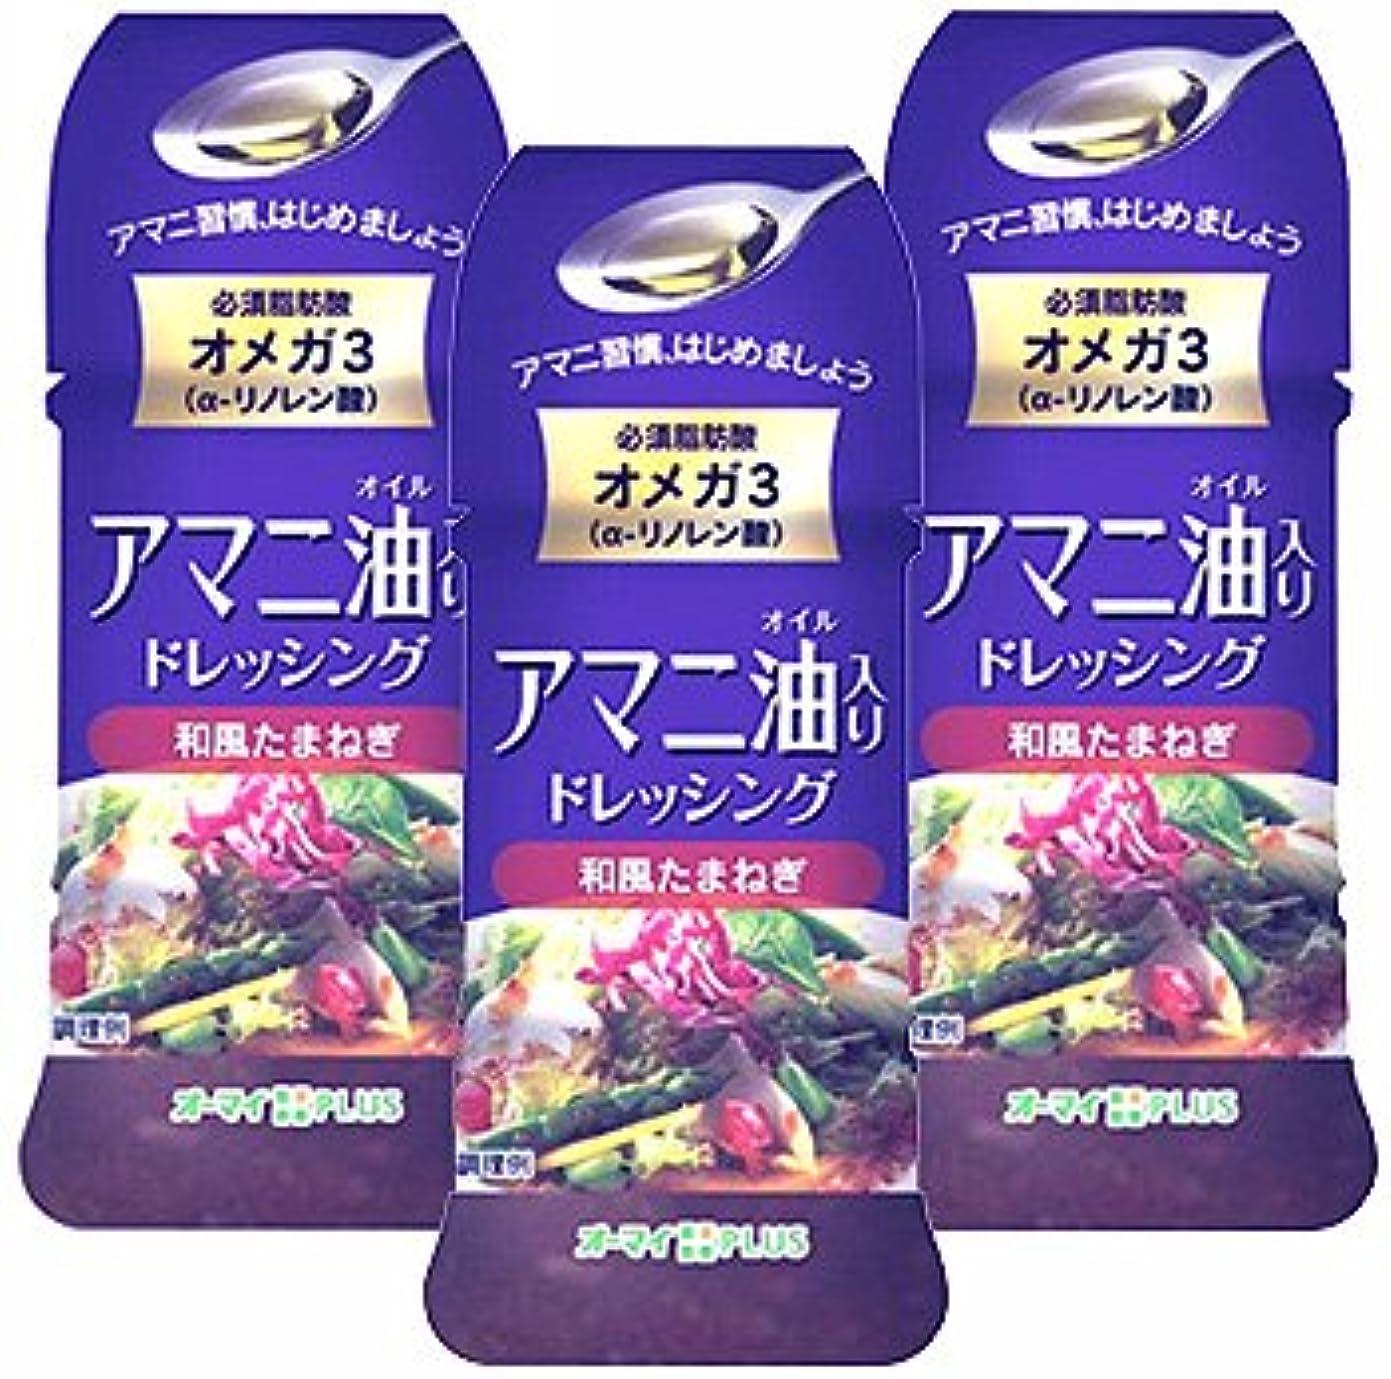 官僚官僚アンタゴニストアマニ油ドレッシング 和風たまねぎ【3本セット】日本製粉